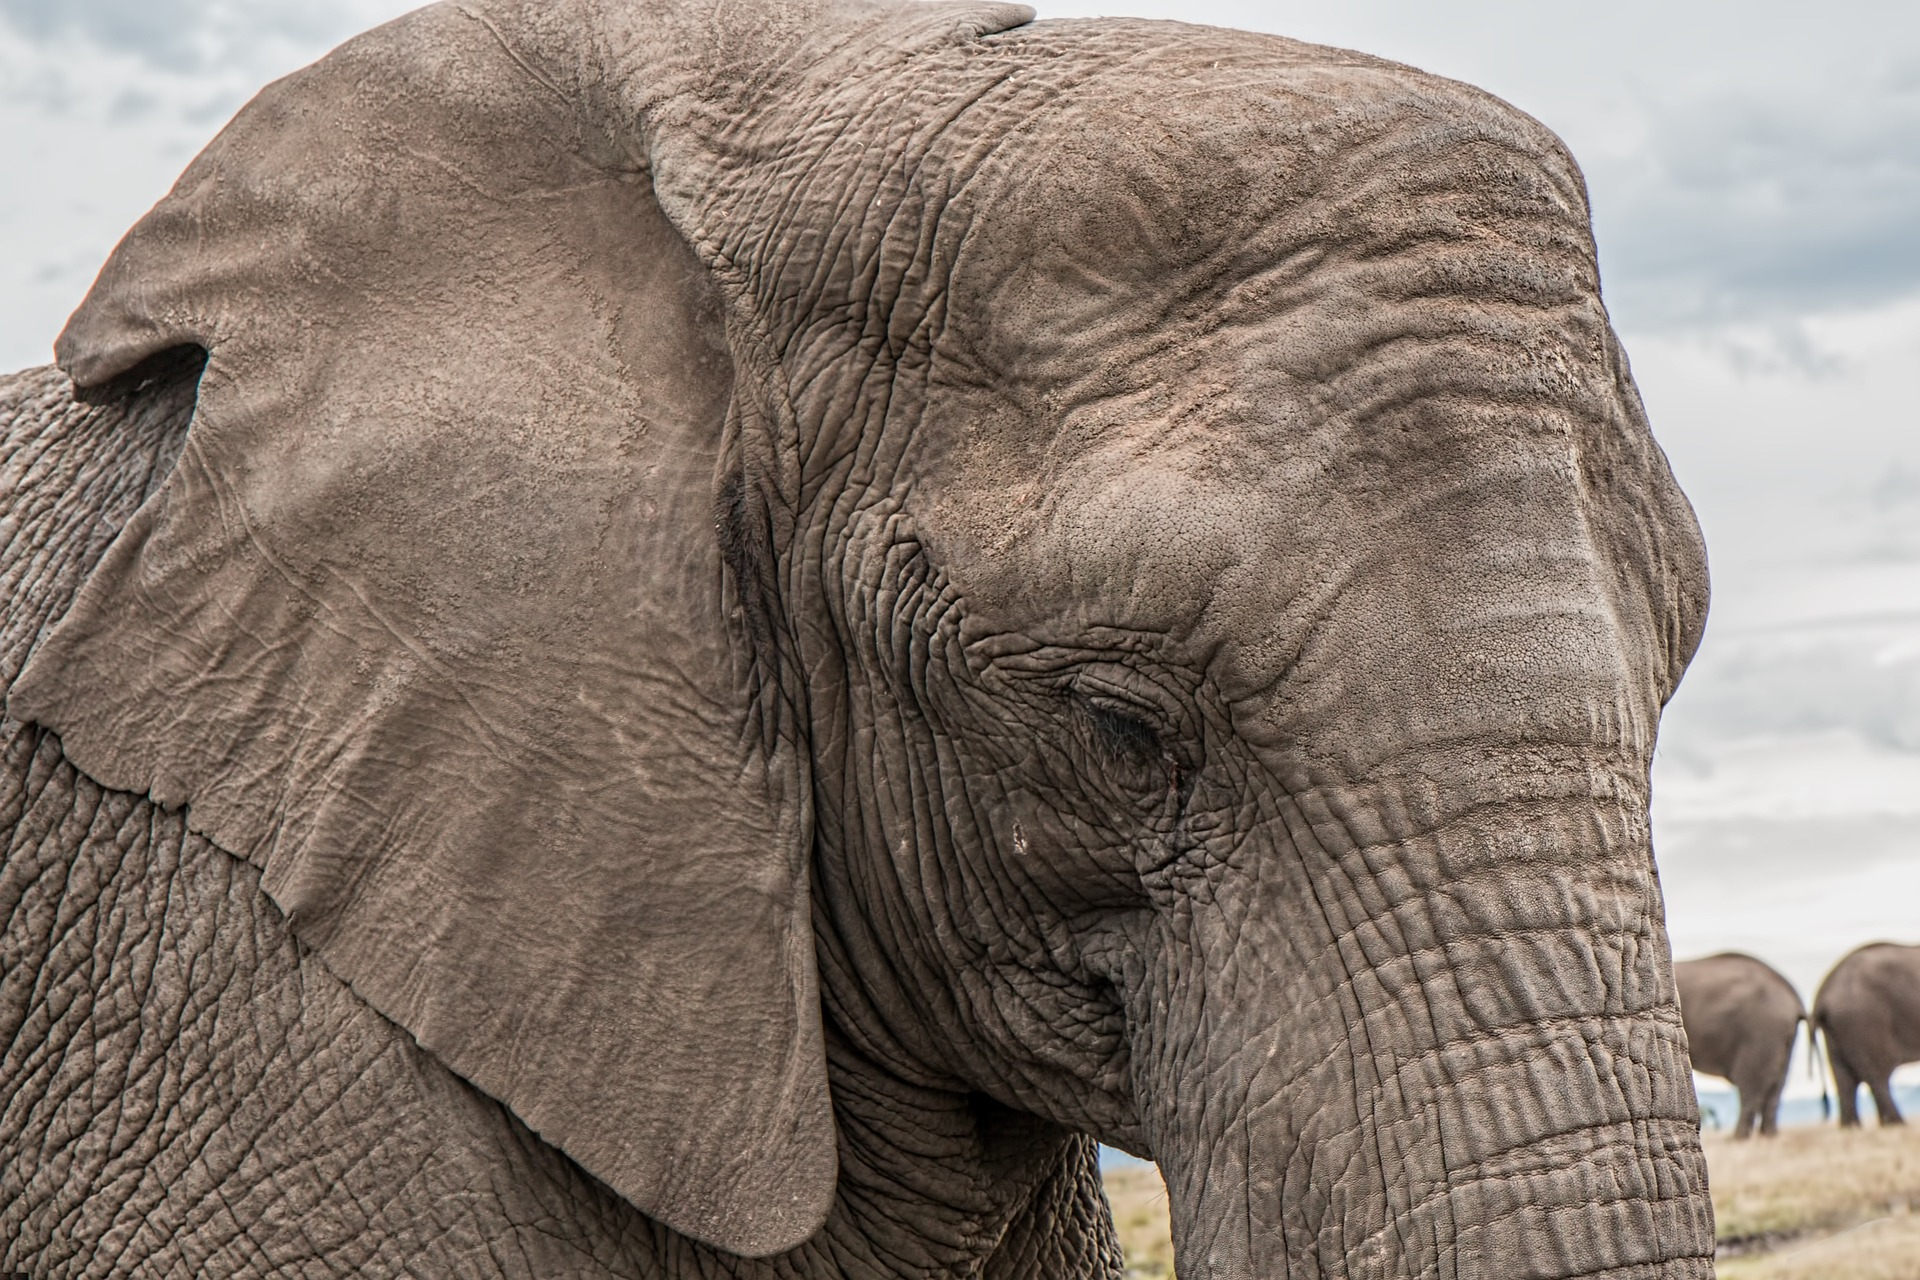 No tomarte selfies con especies en peligro de extinción